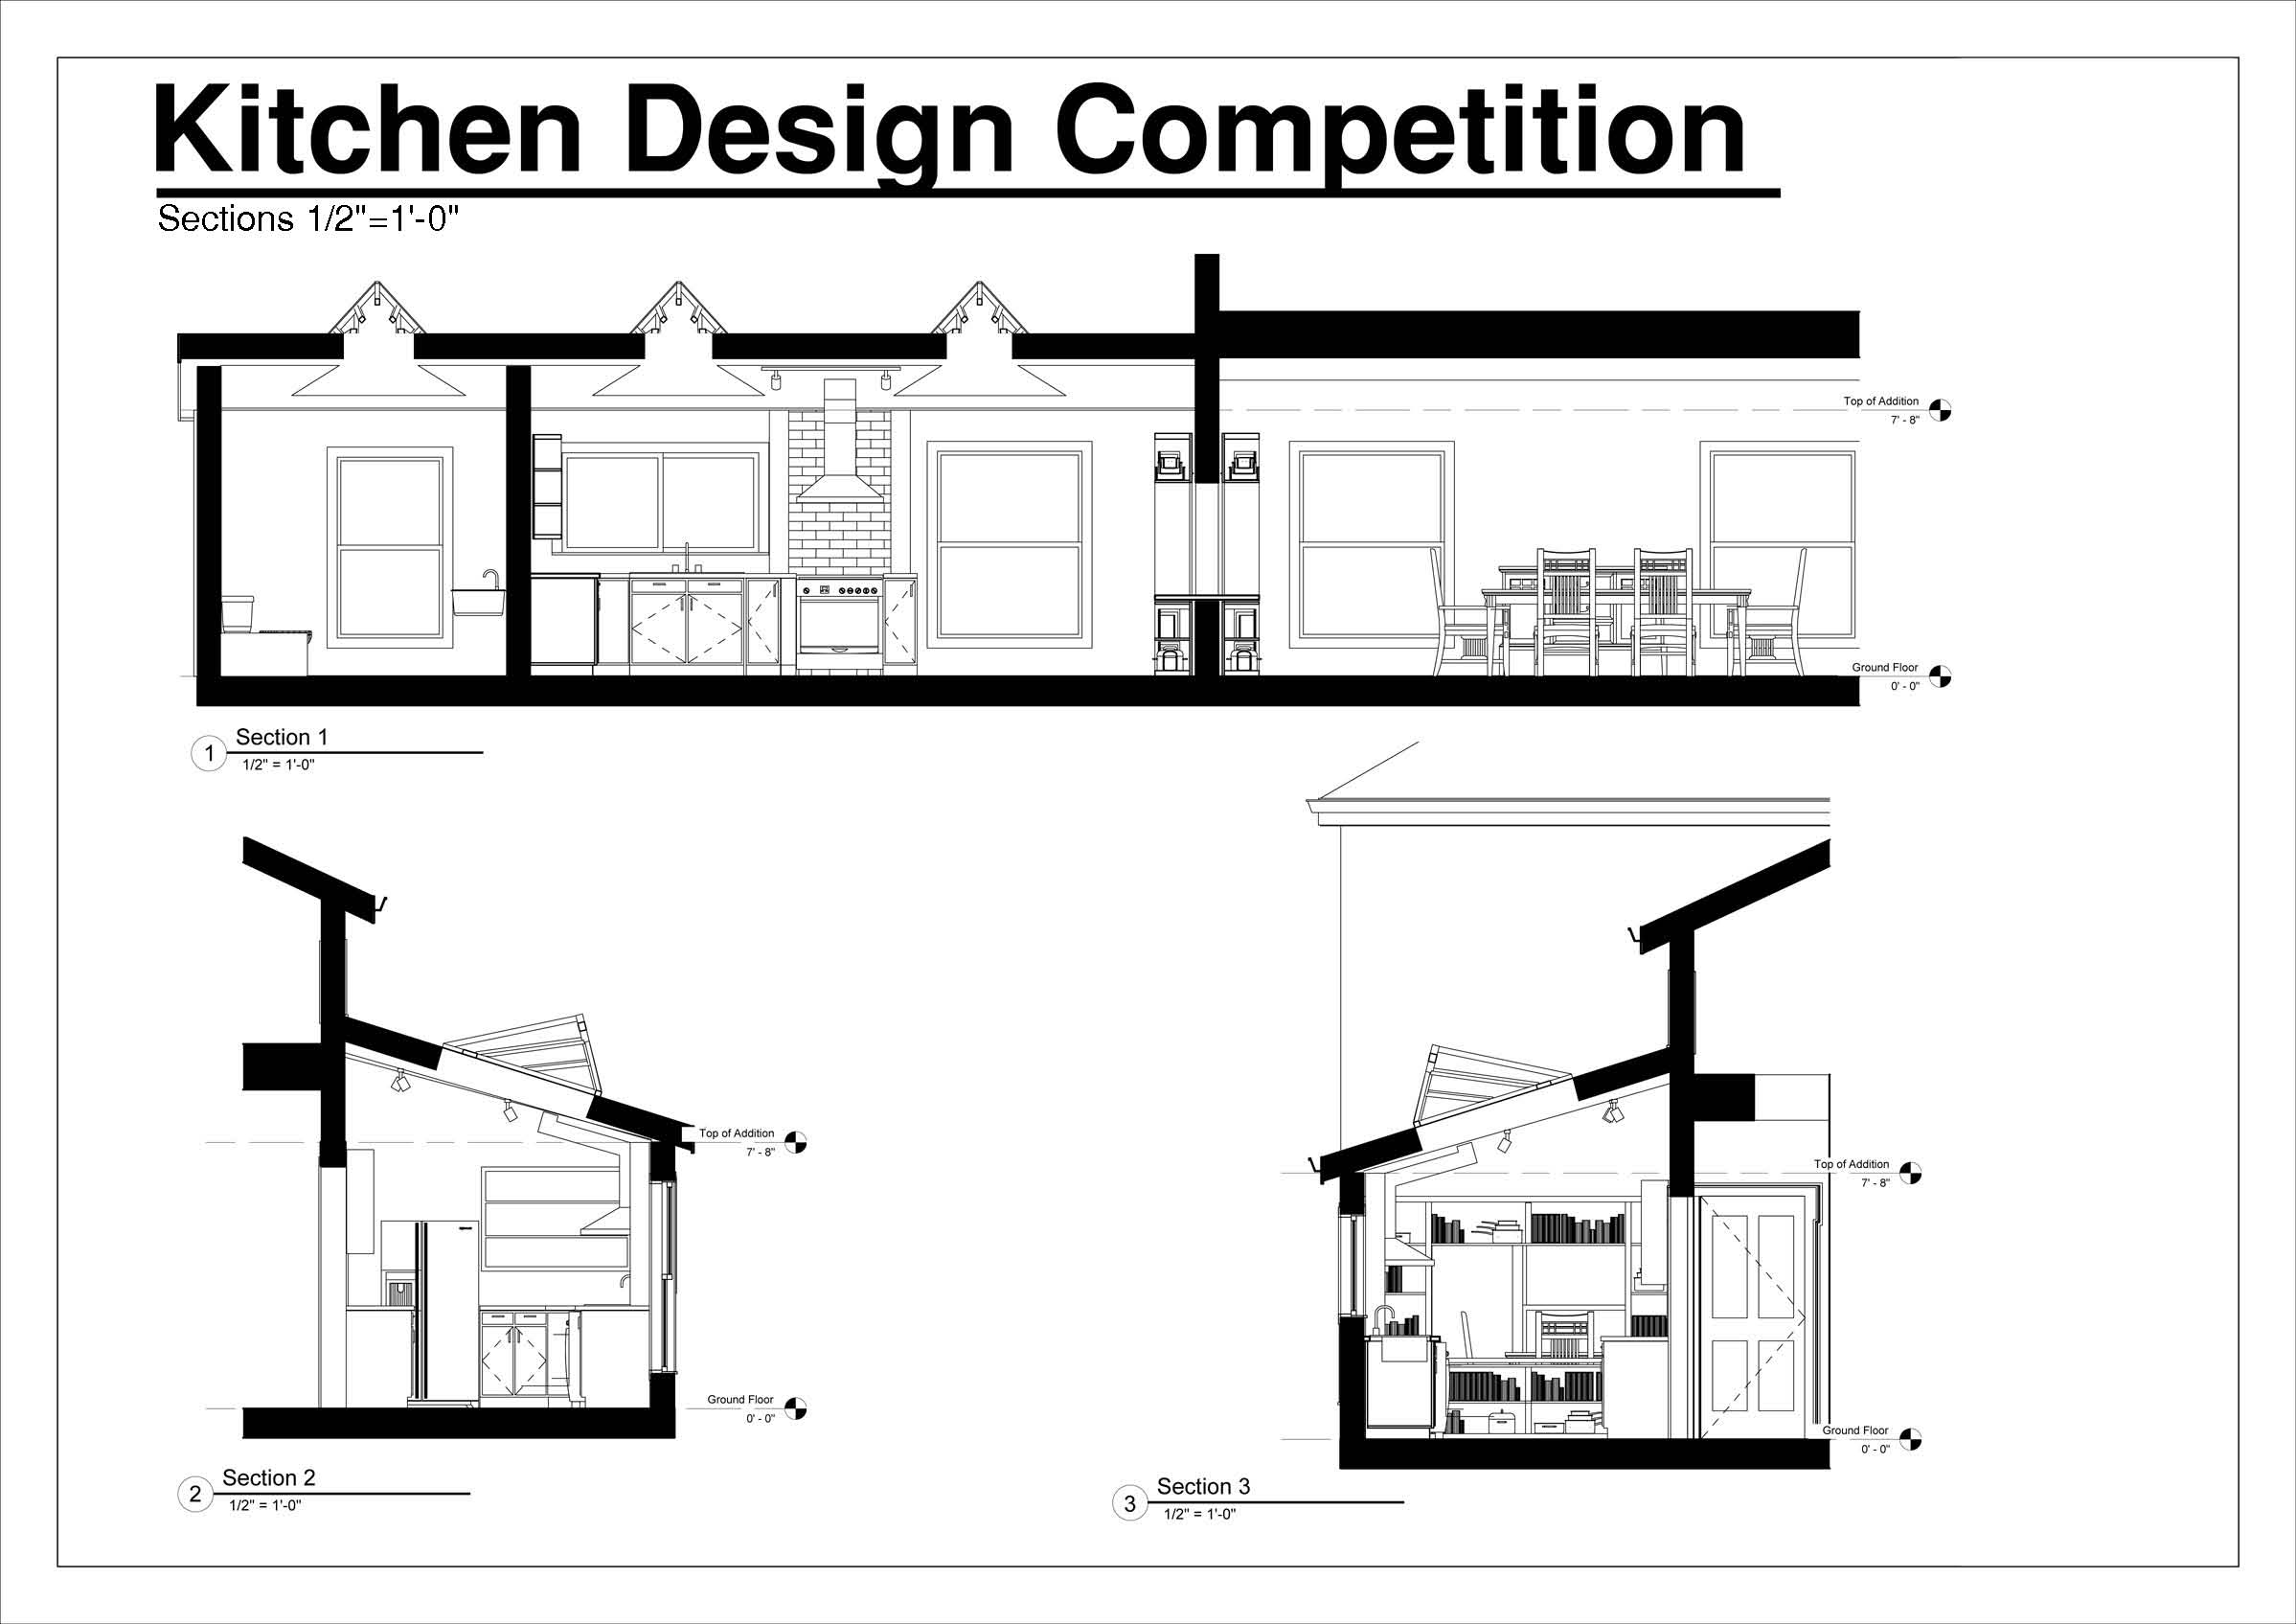 Kitchen design designed by sam herschorn historic public for V kitchen ann arbor address